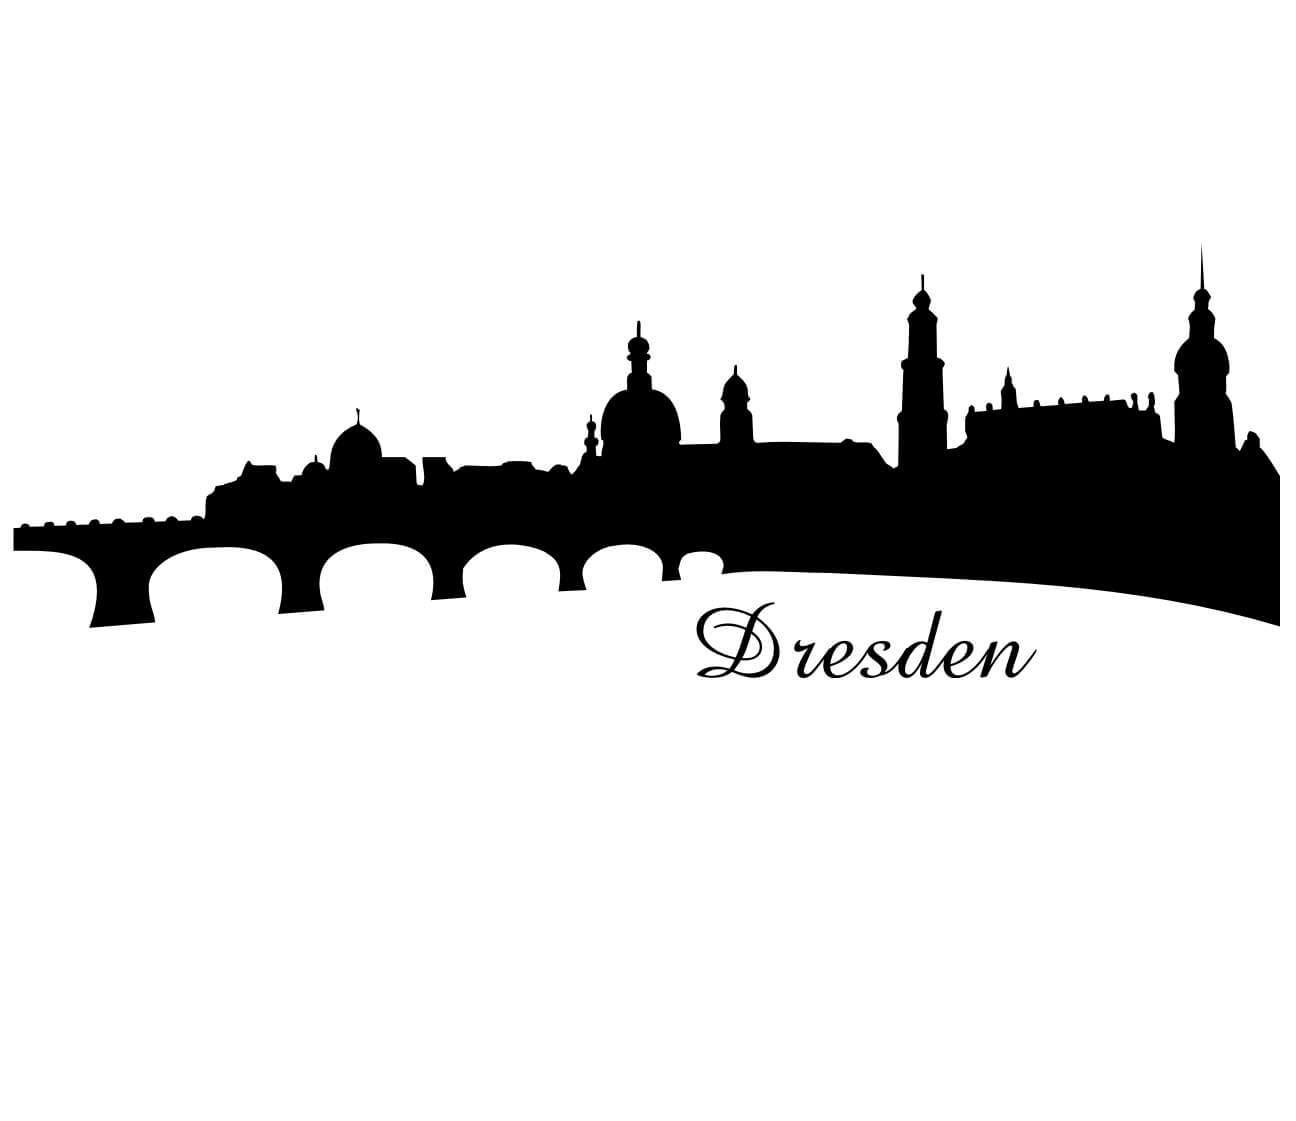 Inspirierend Skyline Dresden Das Beste Von Aufkleber Staedte-stadt Dresden-canalletto-autotattoo-autosticker-autobildaufkleber-fahrzeugaufkleber-heckscheibenaufkleber-car Styling